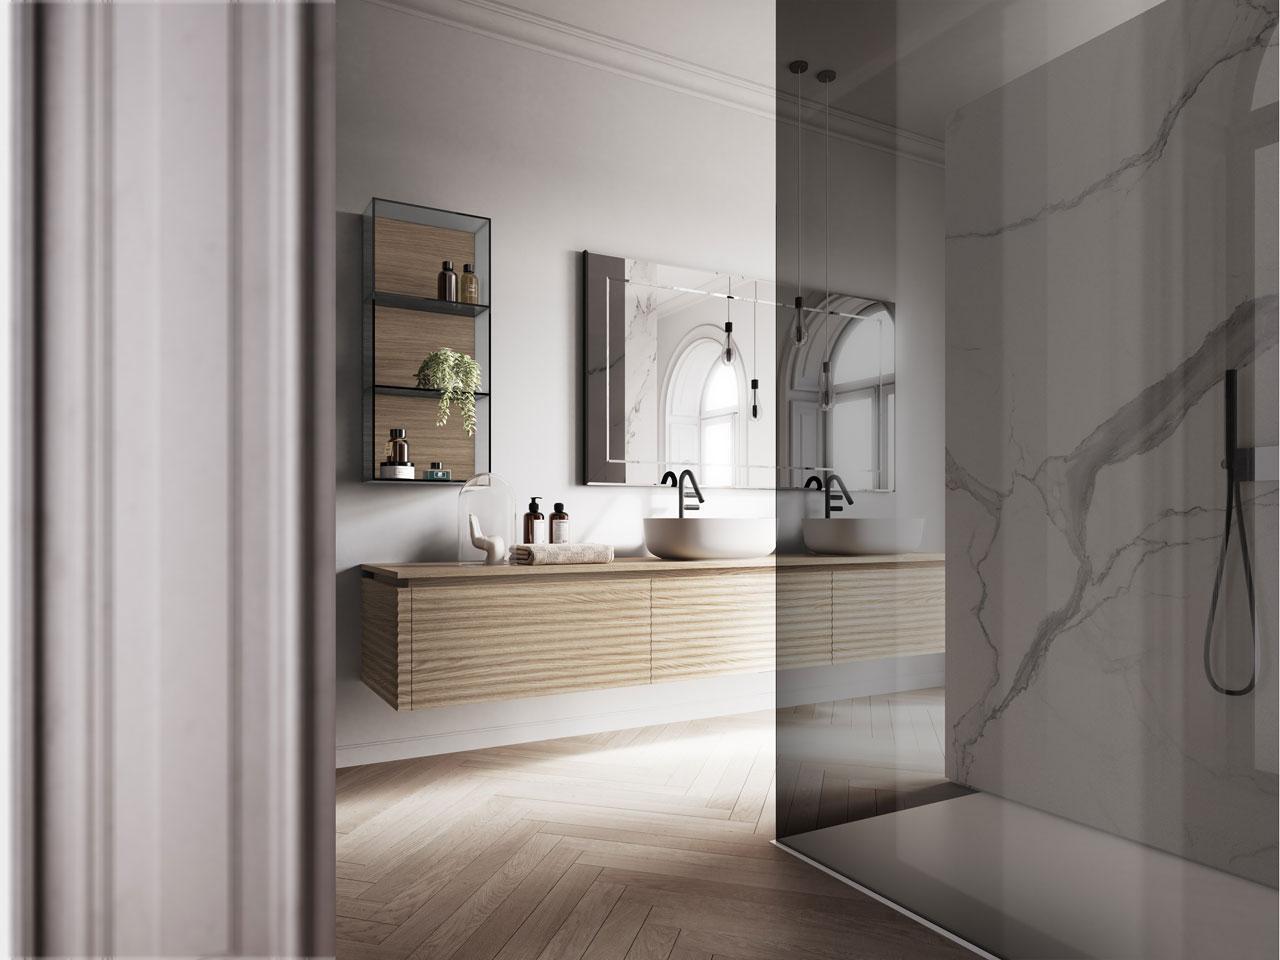 Bagnoidea prodotti e tendenze per arredare il bagno - Accessori bagno milano ...